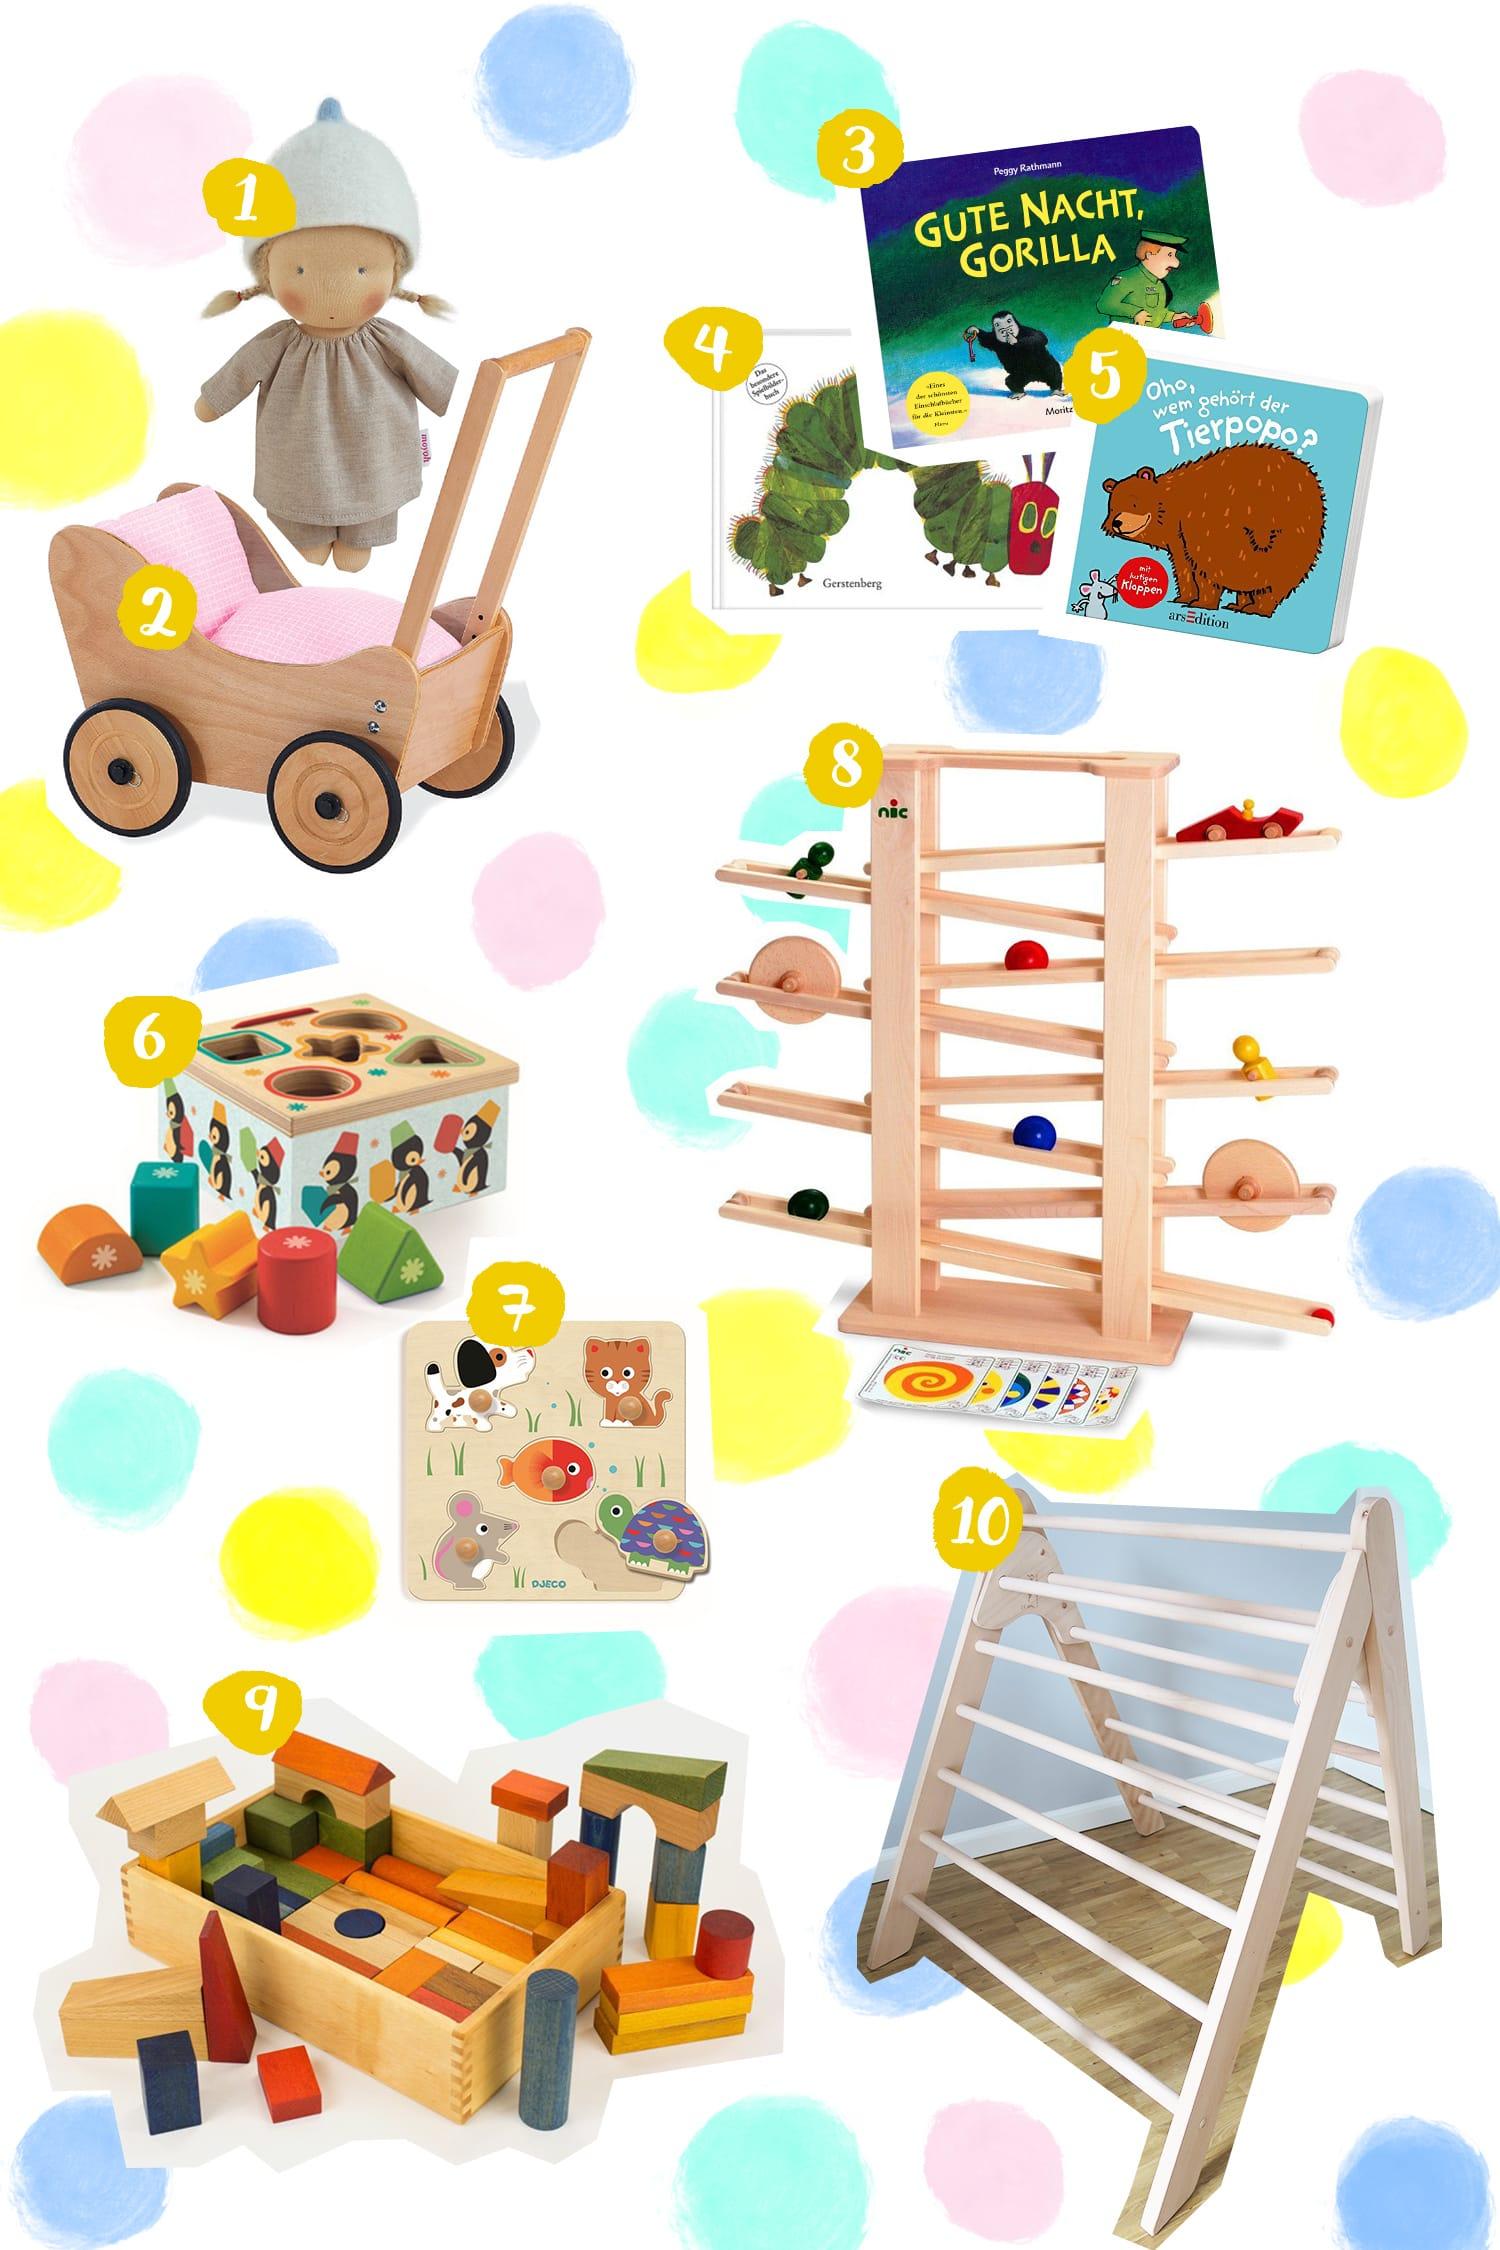 Geschenke zum 1. Geburtstag | Sinnvolle Spielsachen für Baby und Kleinkind | Motorik | ivy.li